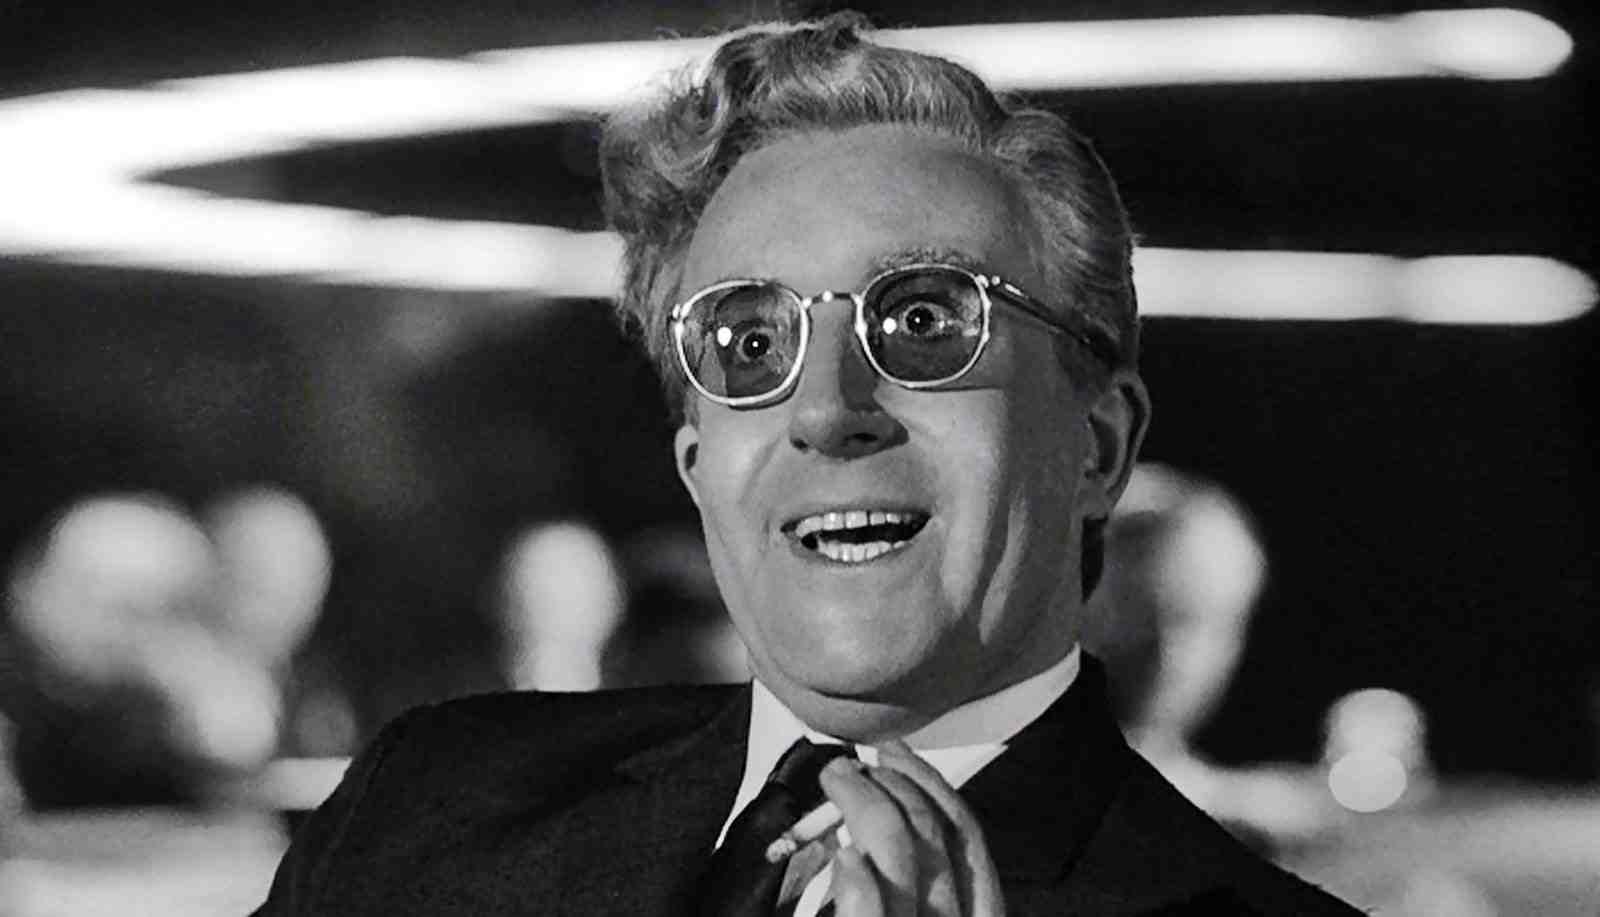 El Dr. Strangelove en un fotograma de la película ¿Teléfono rojo?, volamos hacia Moscú.